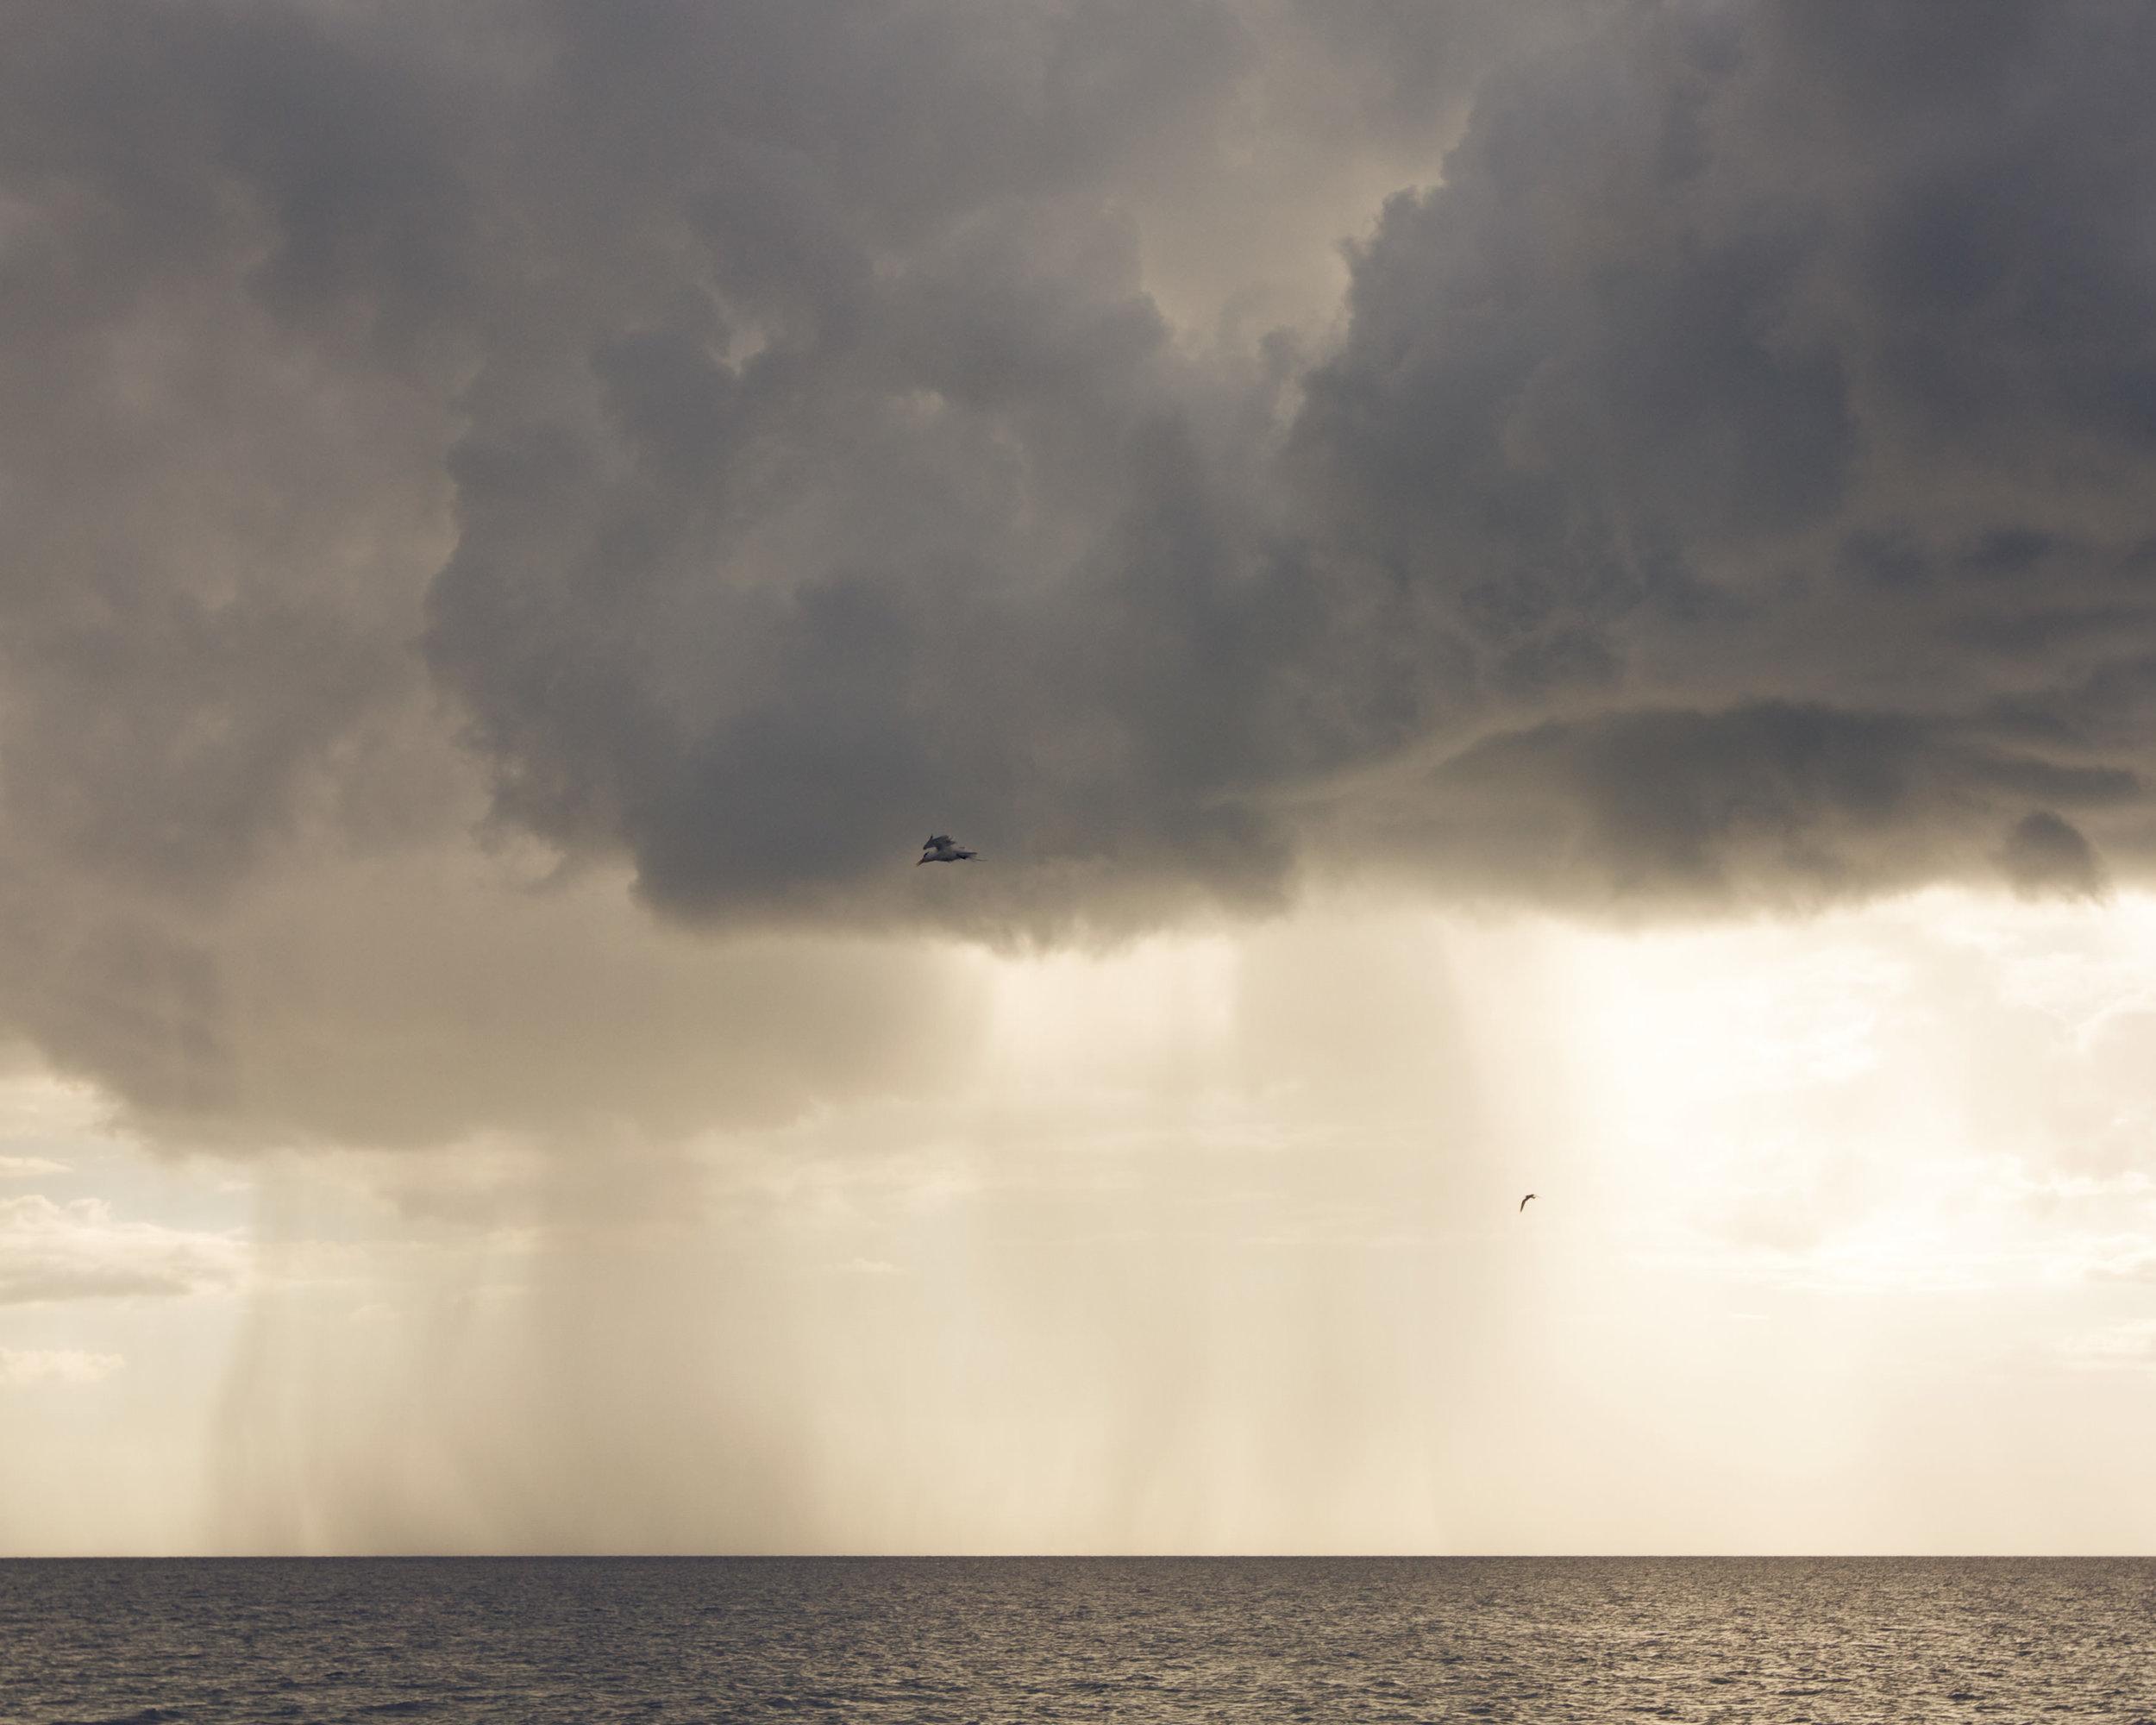 rain_on_the_ocean-8762-smugmug.jpg